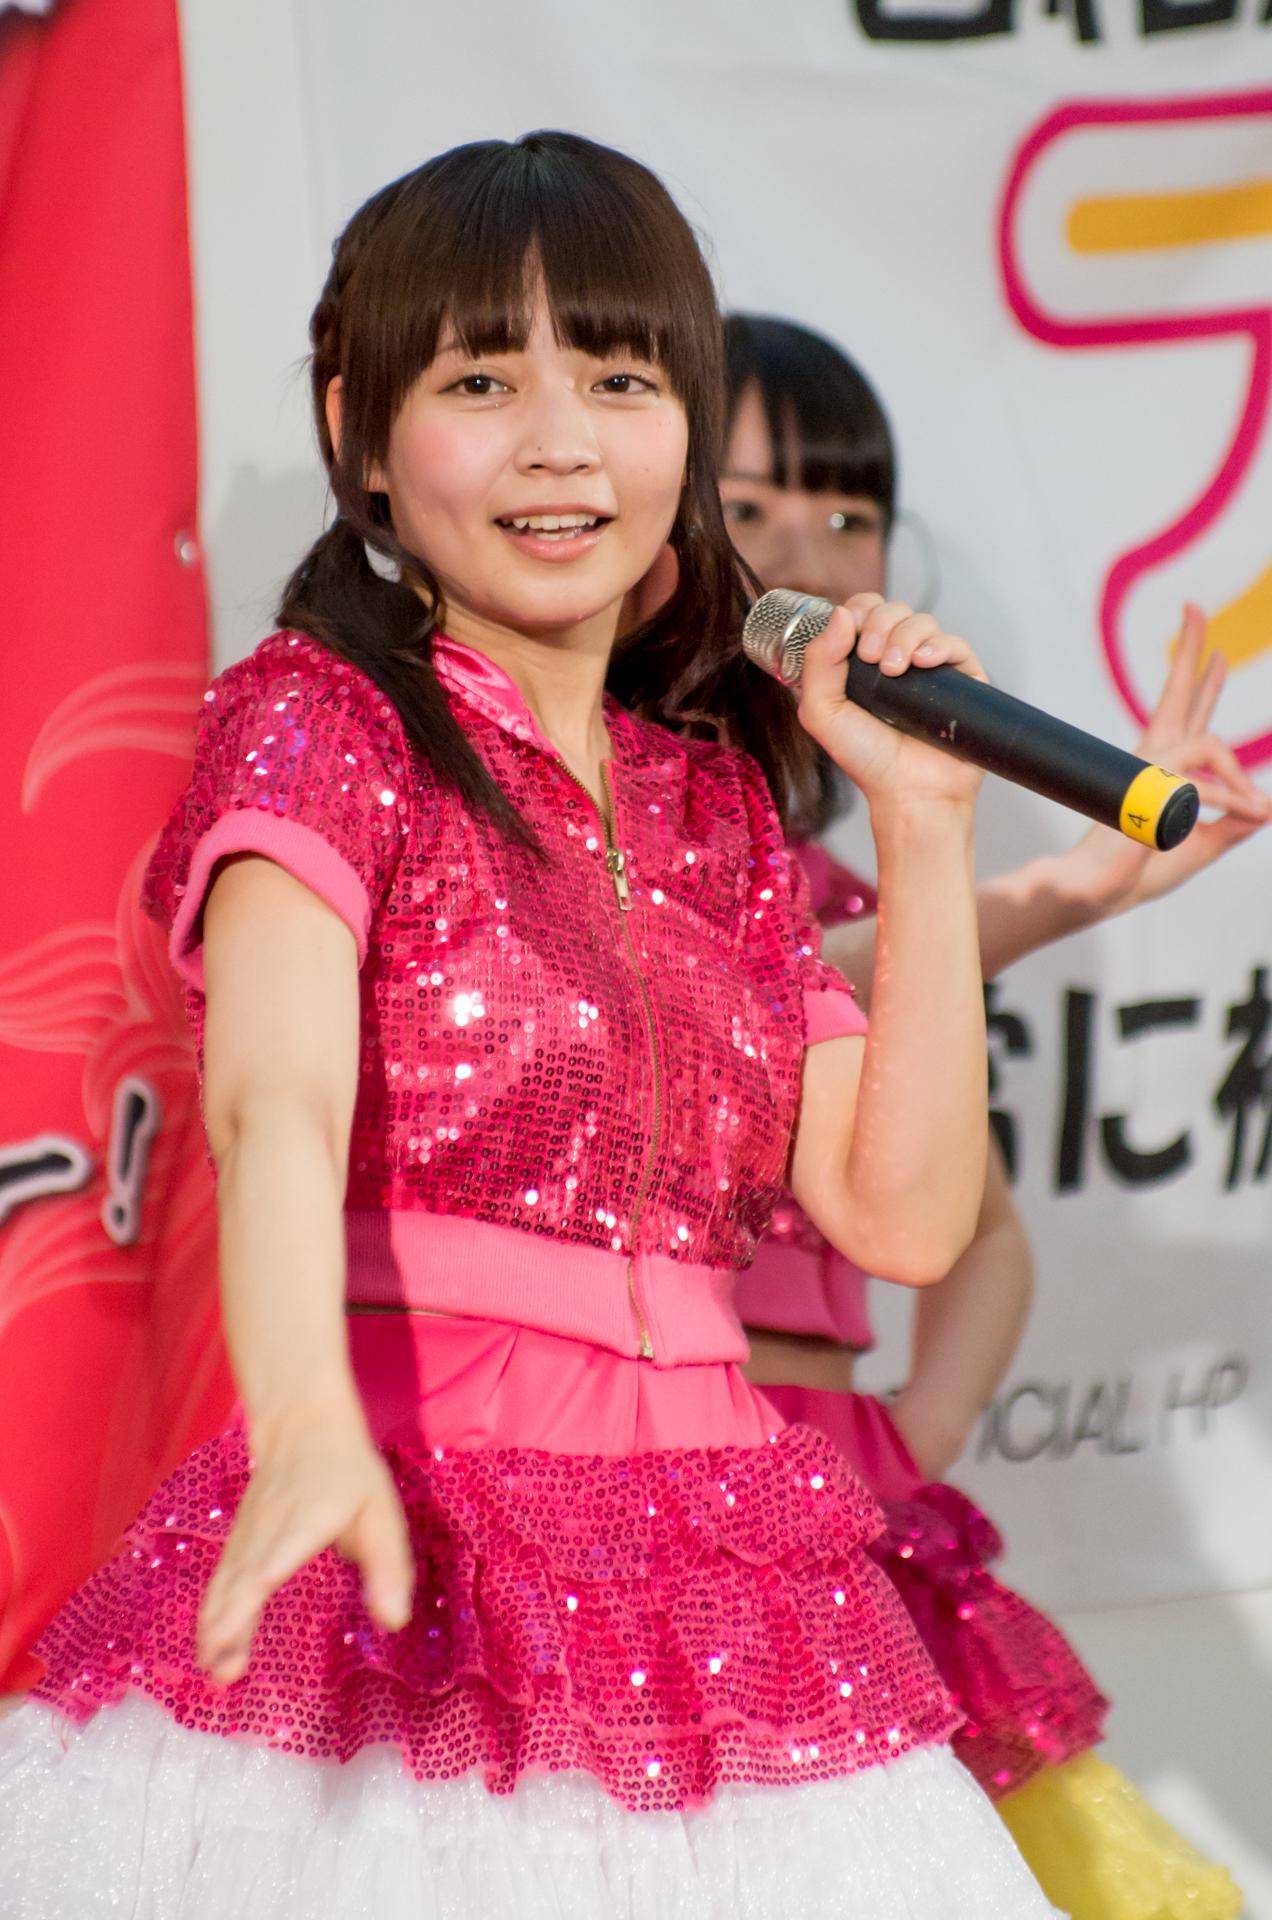 2代目Happy少女♪ ゆいな ( 宮崎ゆいな )   アリオ札幌ライブプロマンスリーライブ